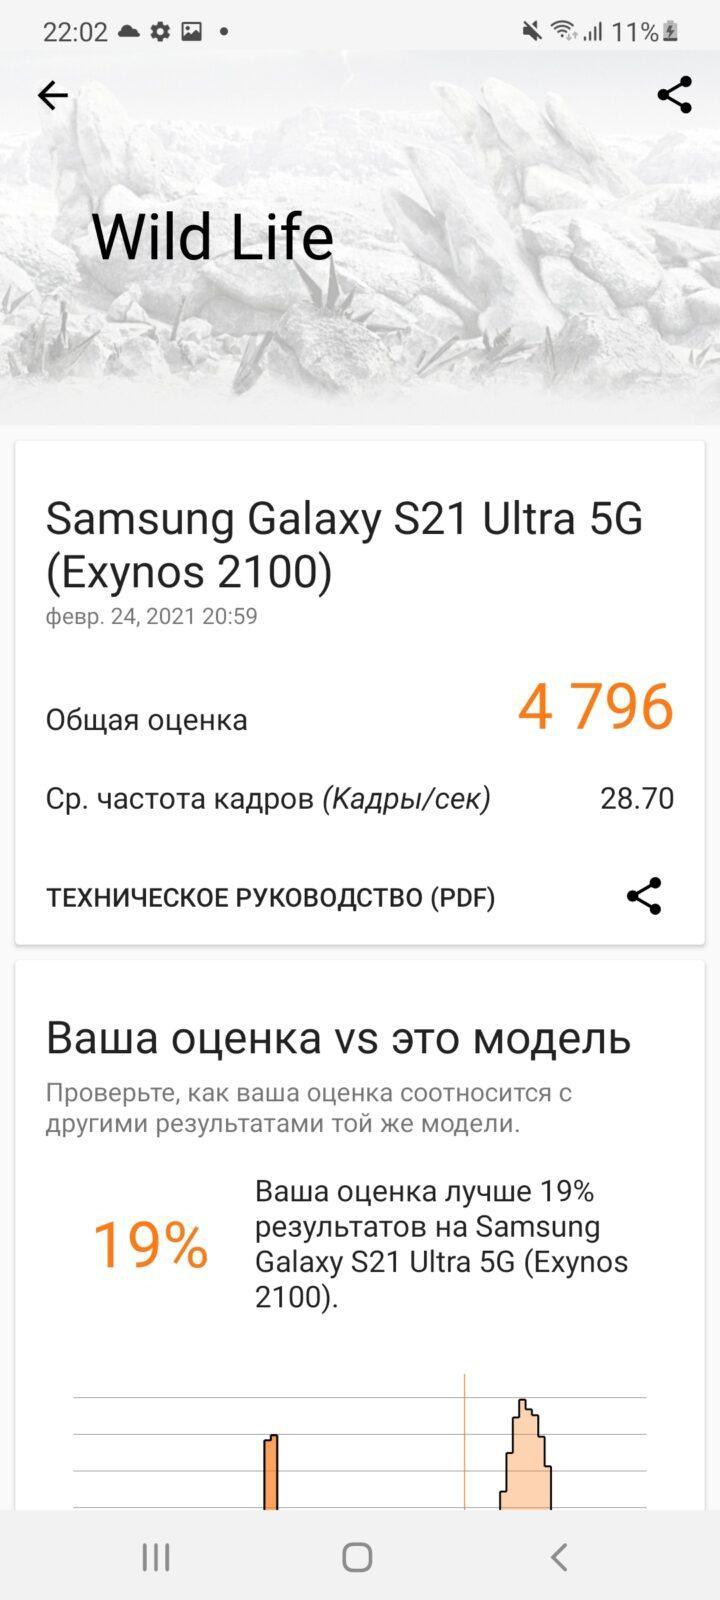 Обзор Samsung Galaxy S21 Ultra: лучший из лучших (screenshot 20210224 220253 3dmark)